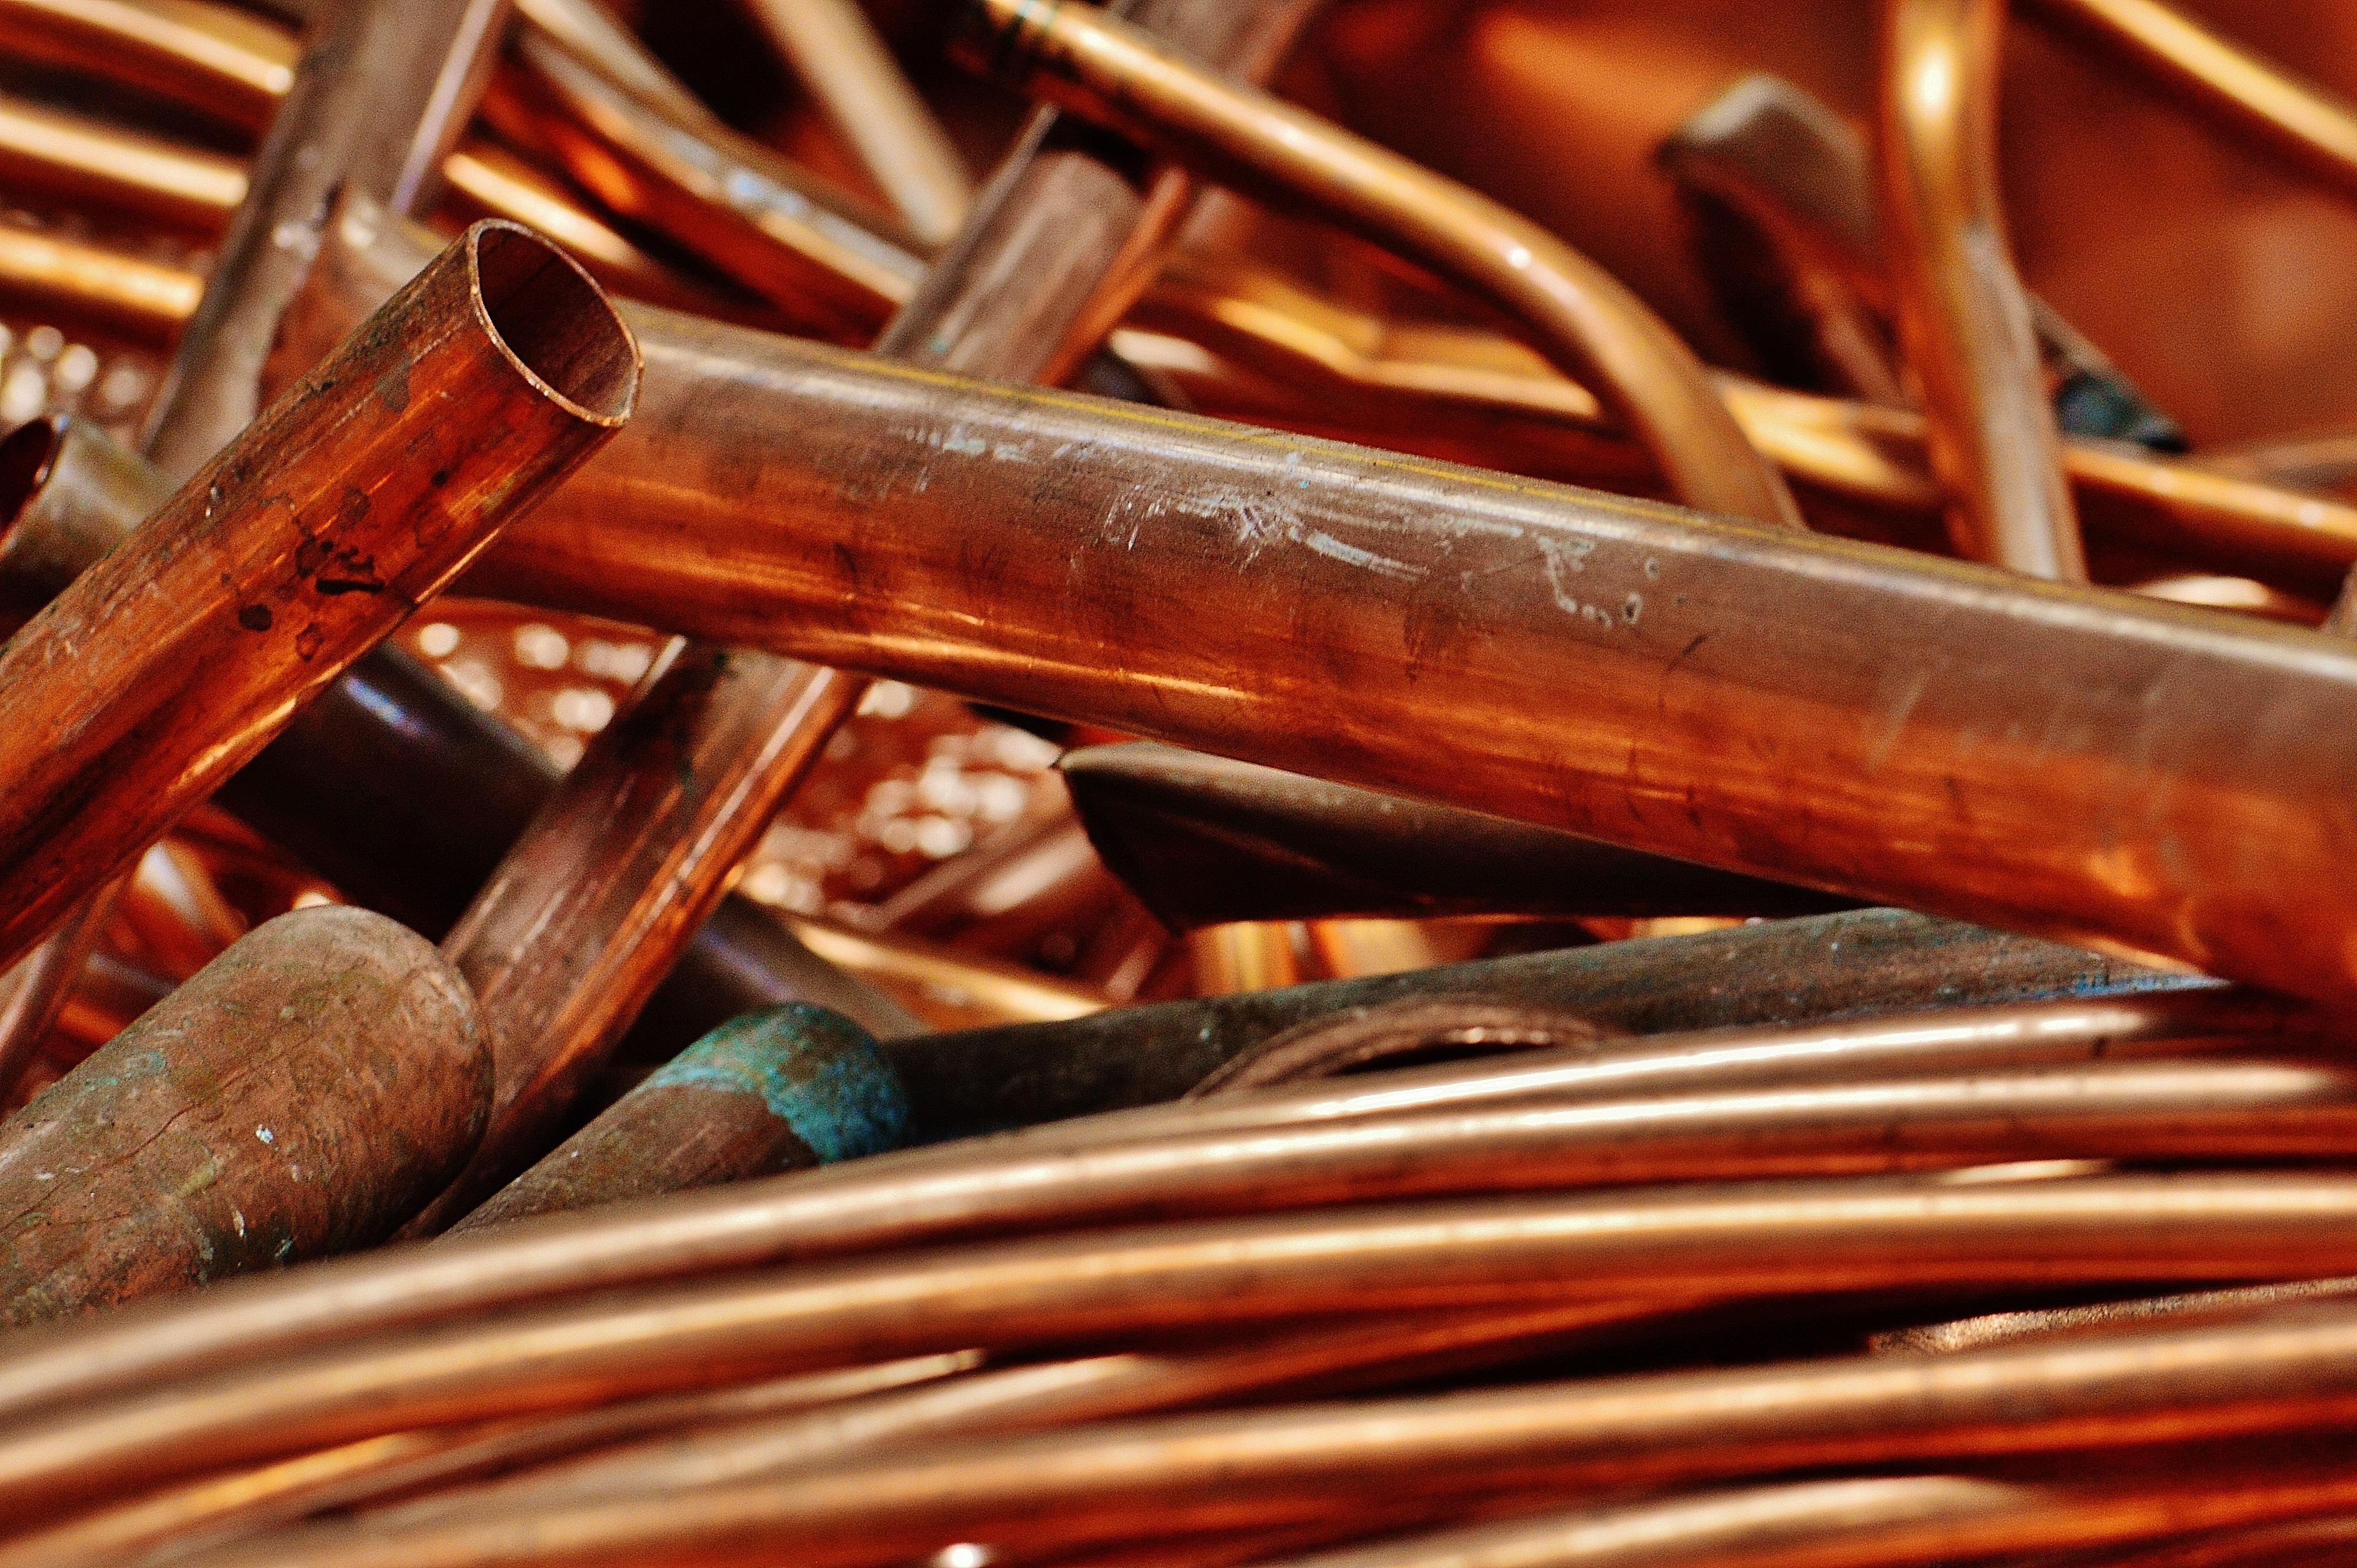 картинки на металлической основе готового теста блинчики